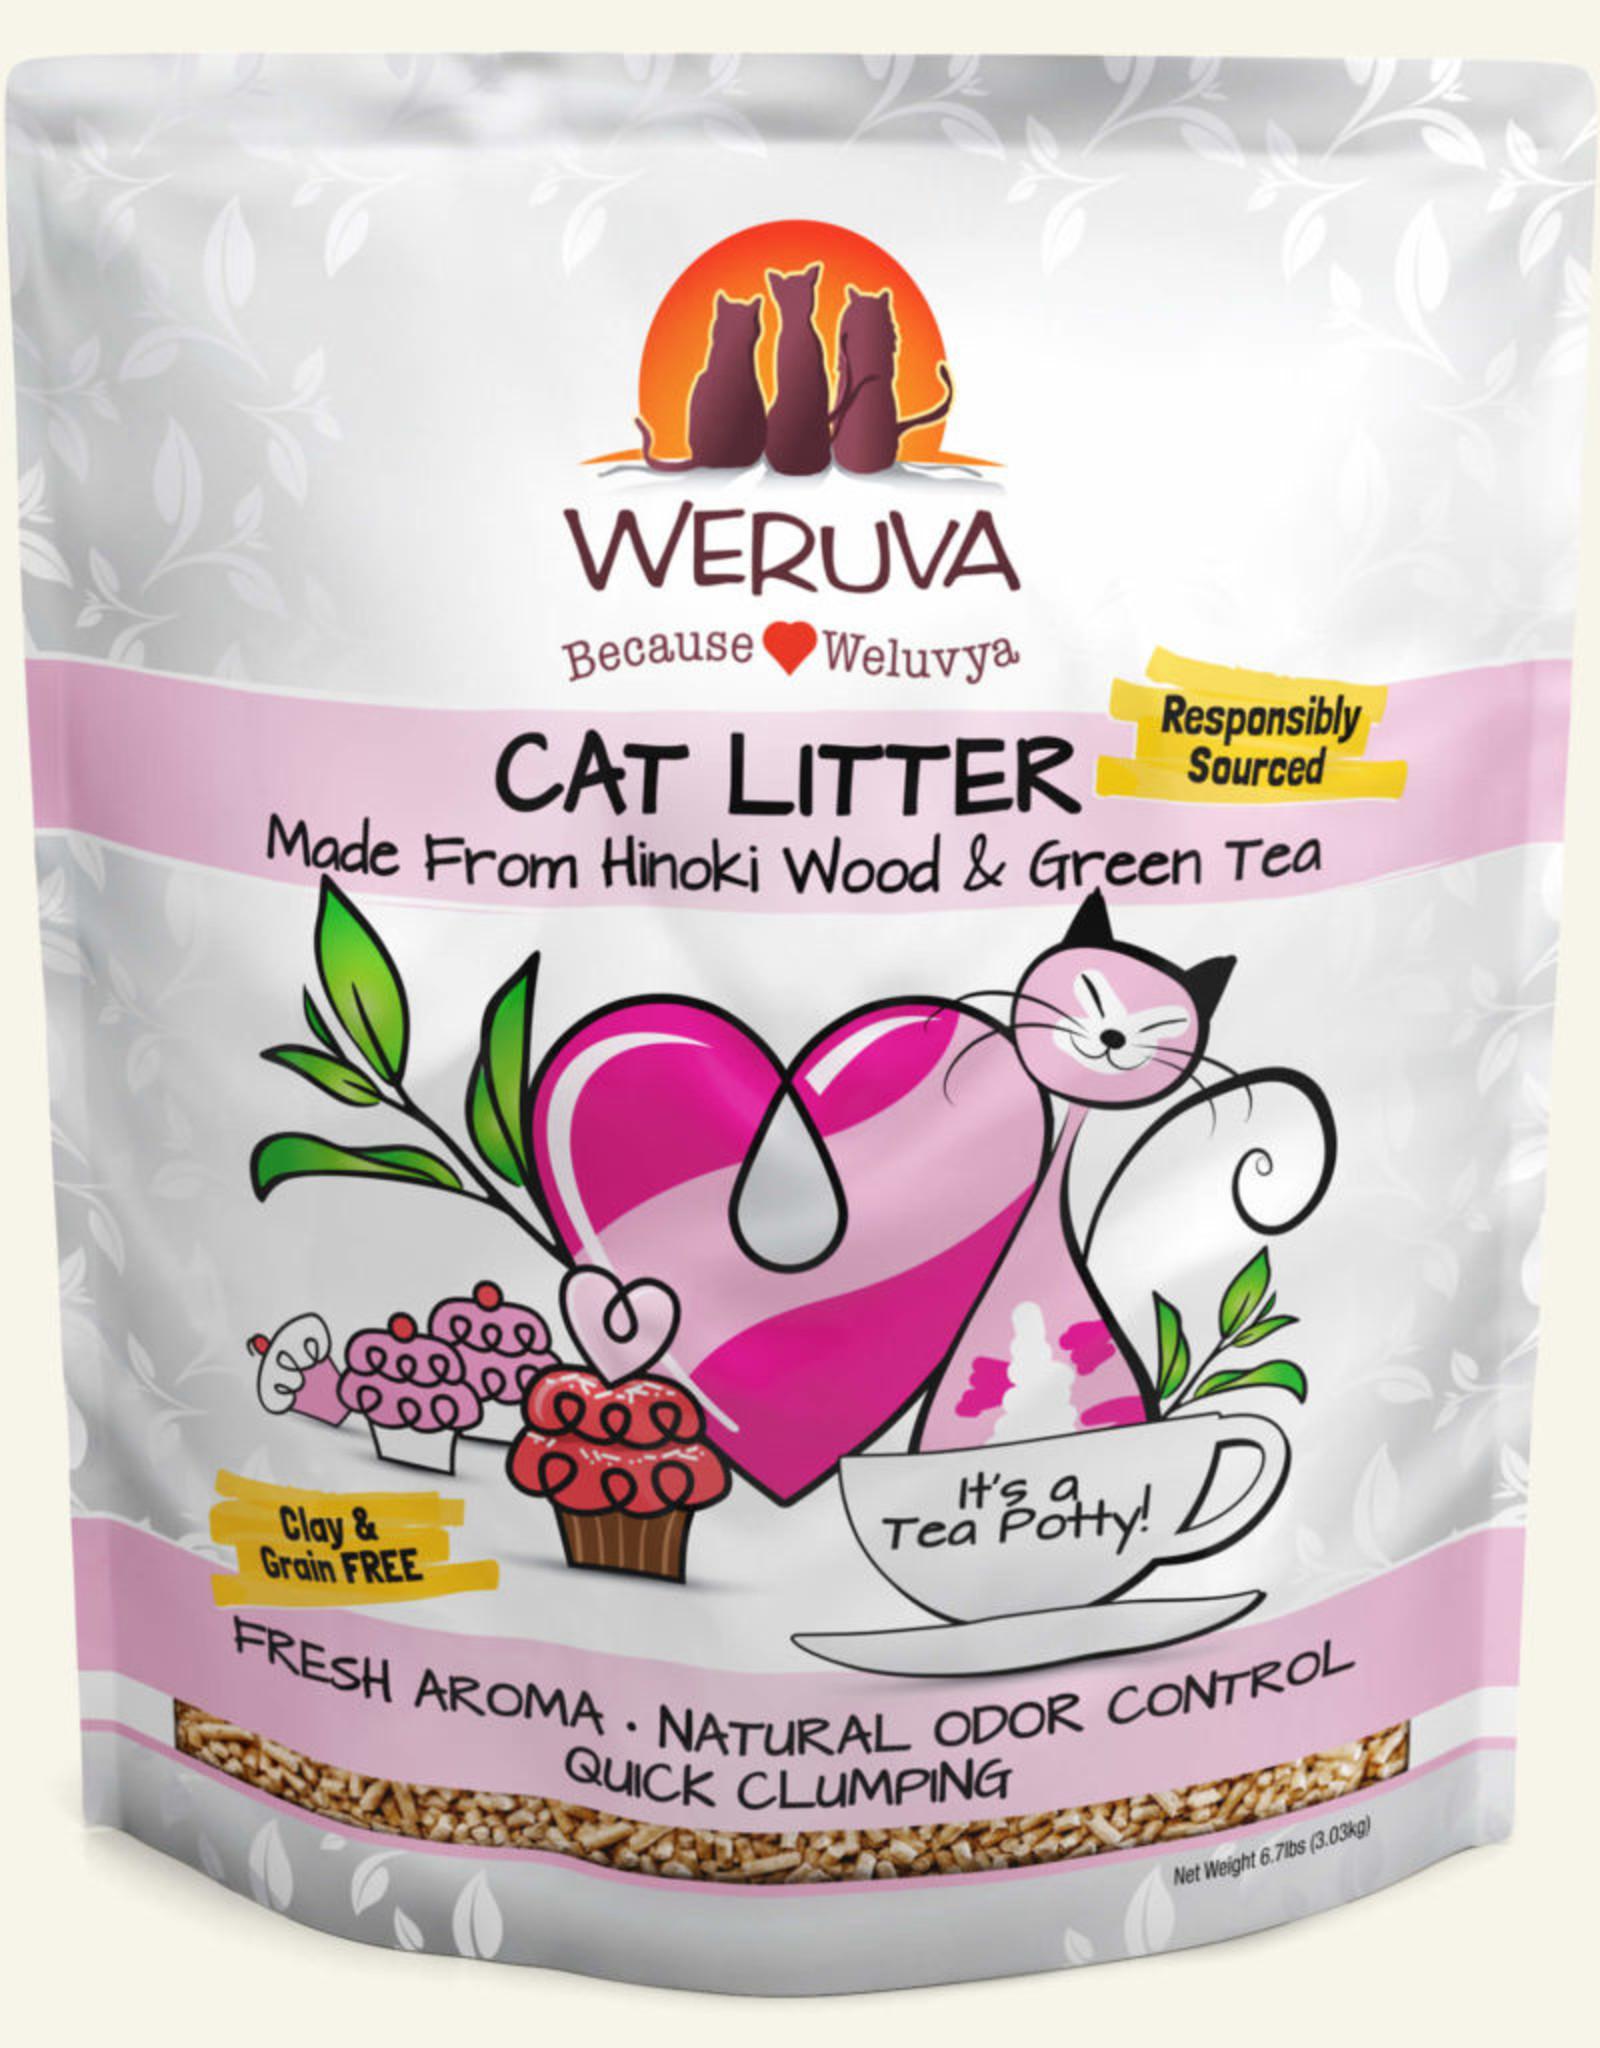 WERUVA It's A Tea Potty! Cat Litter - 11.7lb